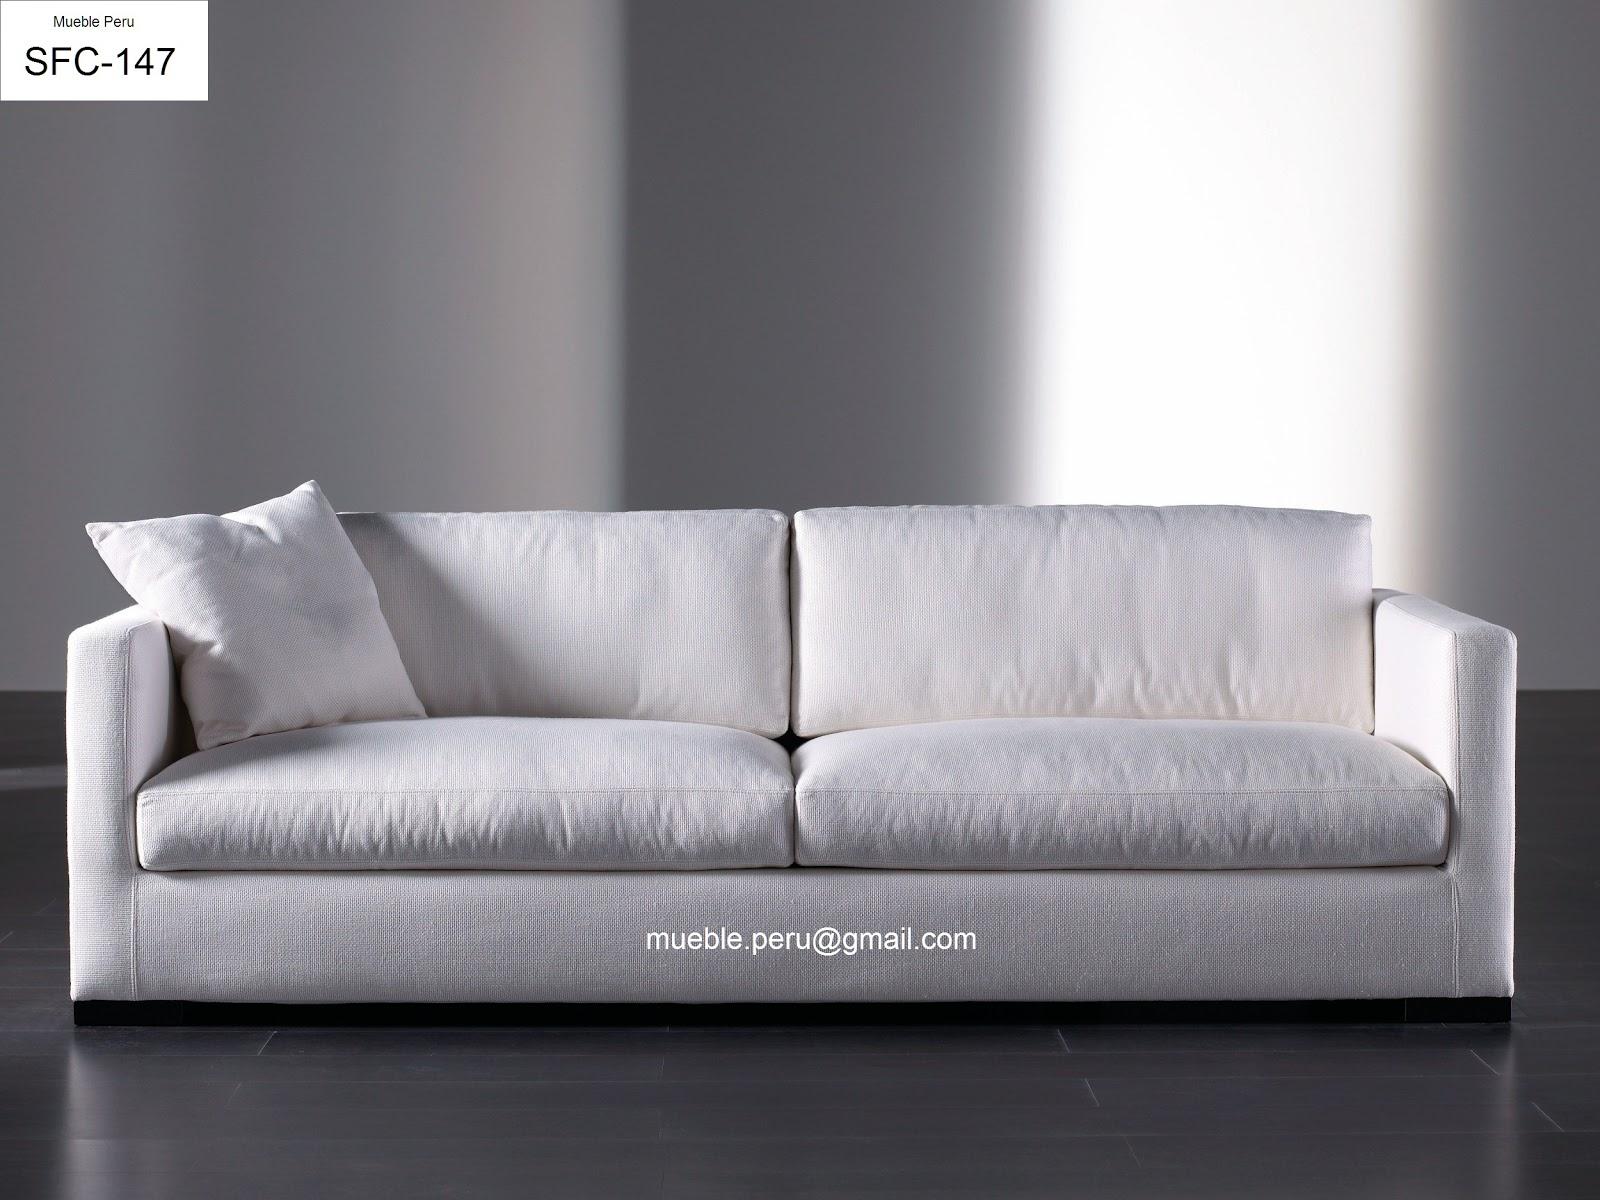 Mueble peru modernos sof s cama de dise o gratisss - Camas diseno moderno ...